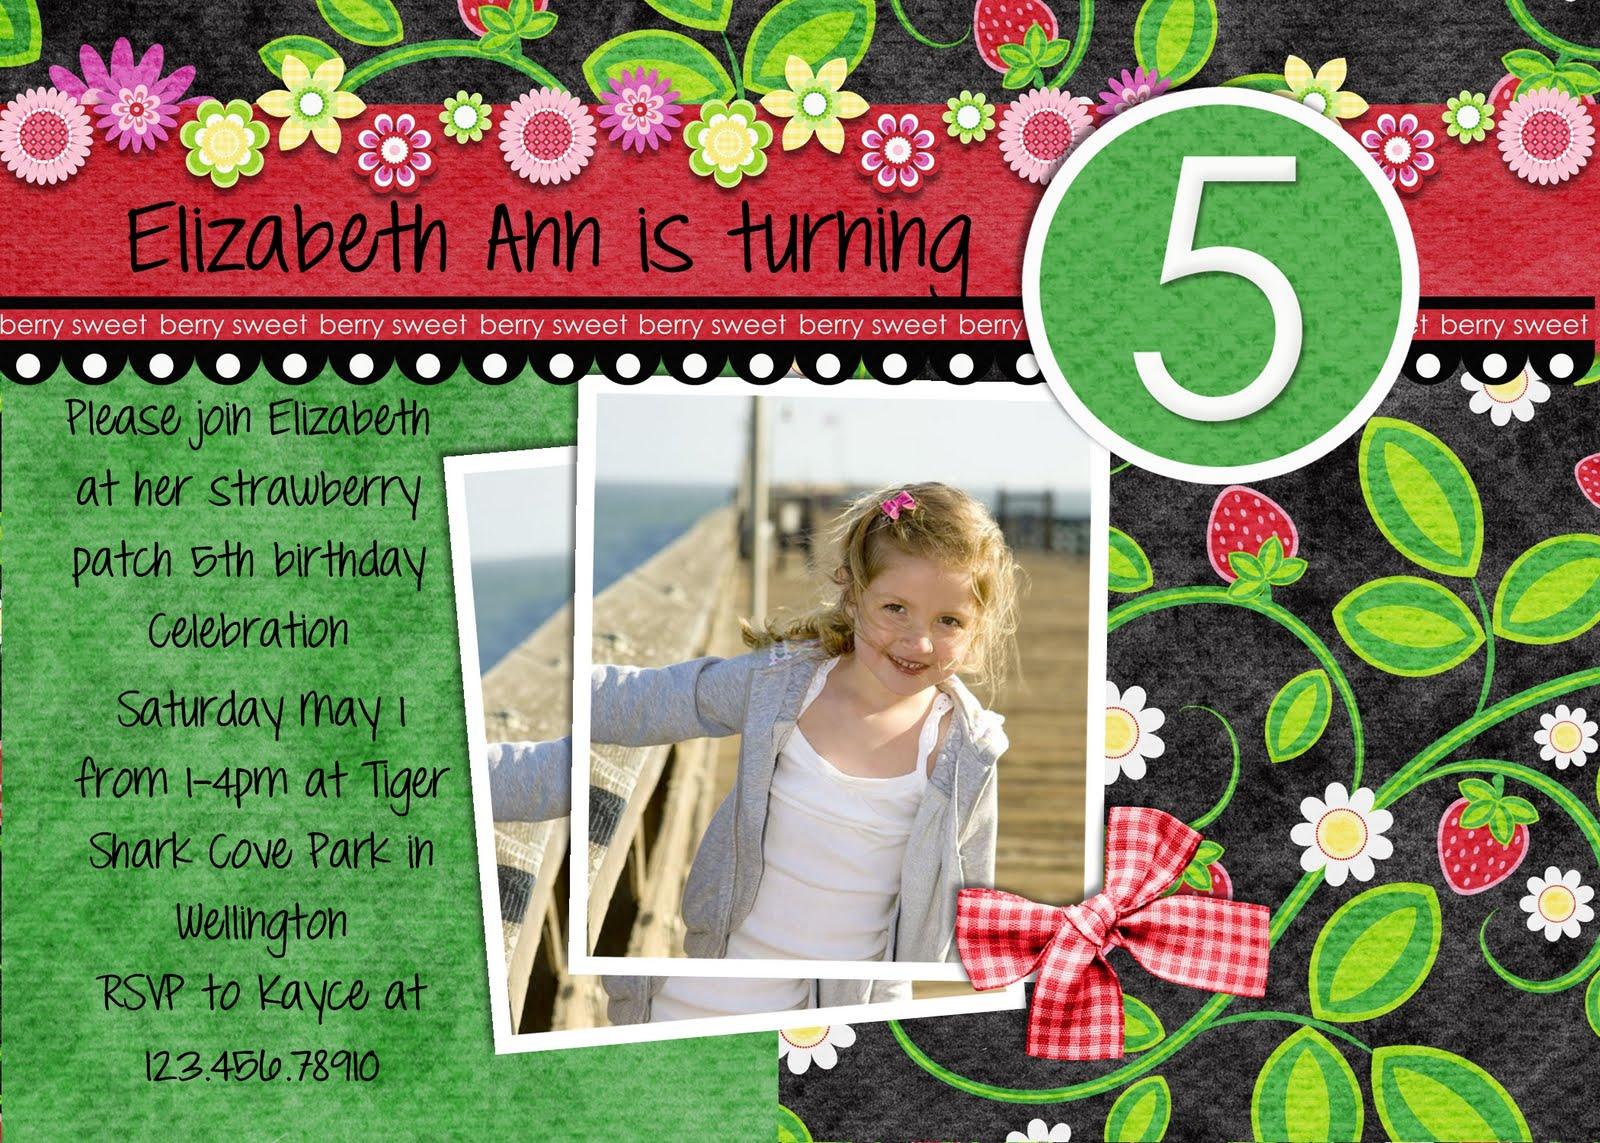 http://2.bp.blogspot.com/-1gBxaexL8MY/Tgu6U1-GVLI/AAAAAAAAADo/LiPdyYCnAdQ/s1600/Etsy+Birthday+-+Page+075.jpg